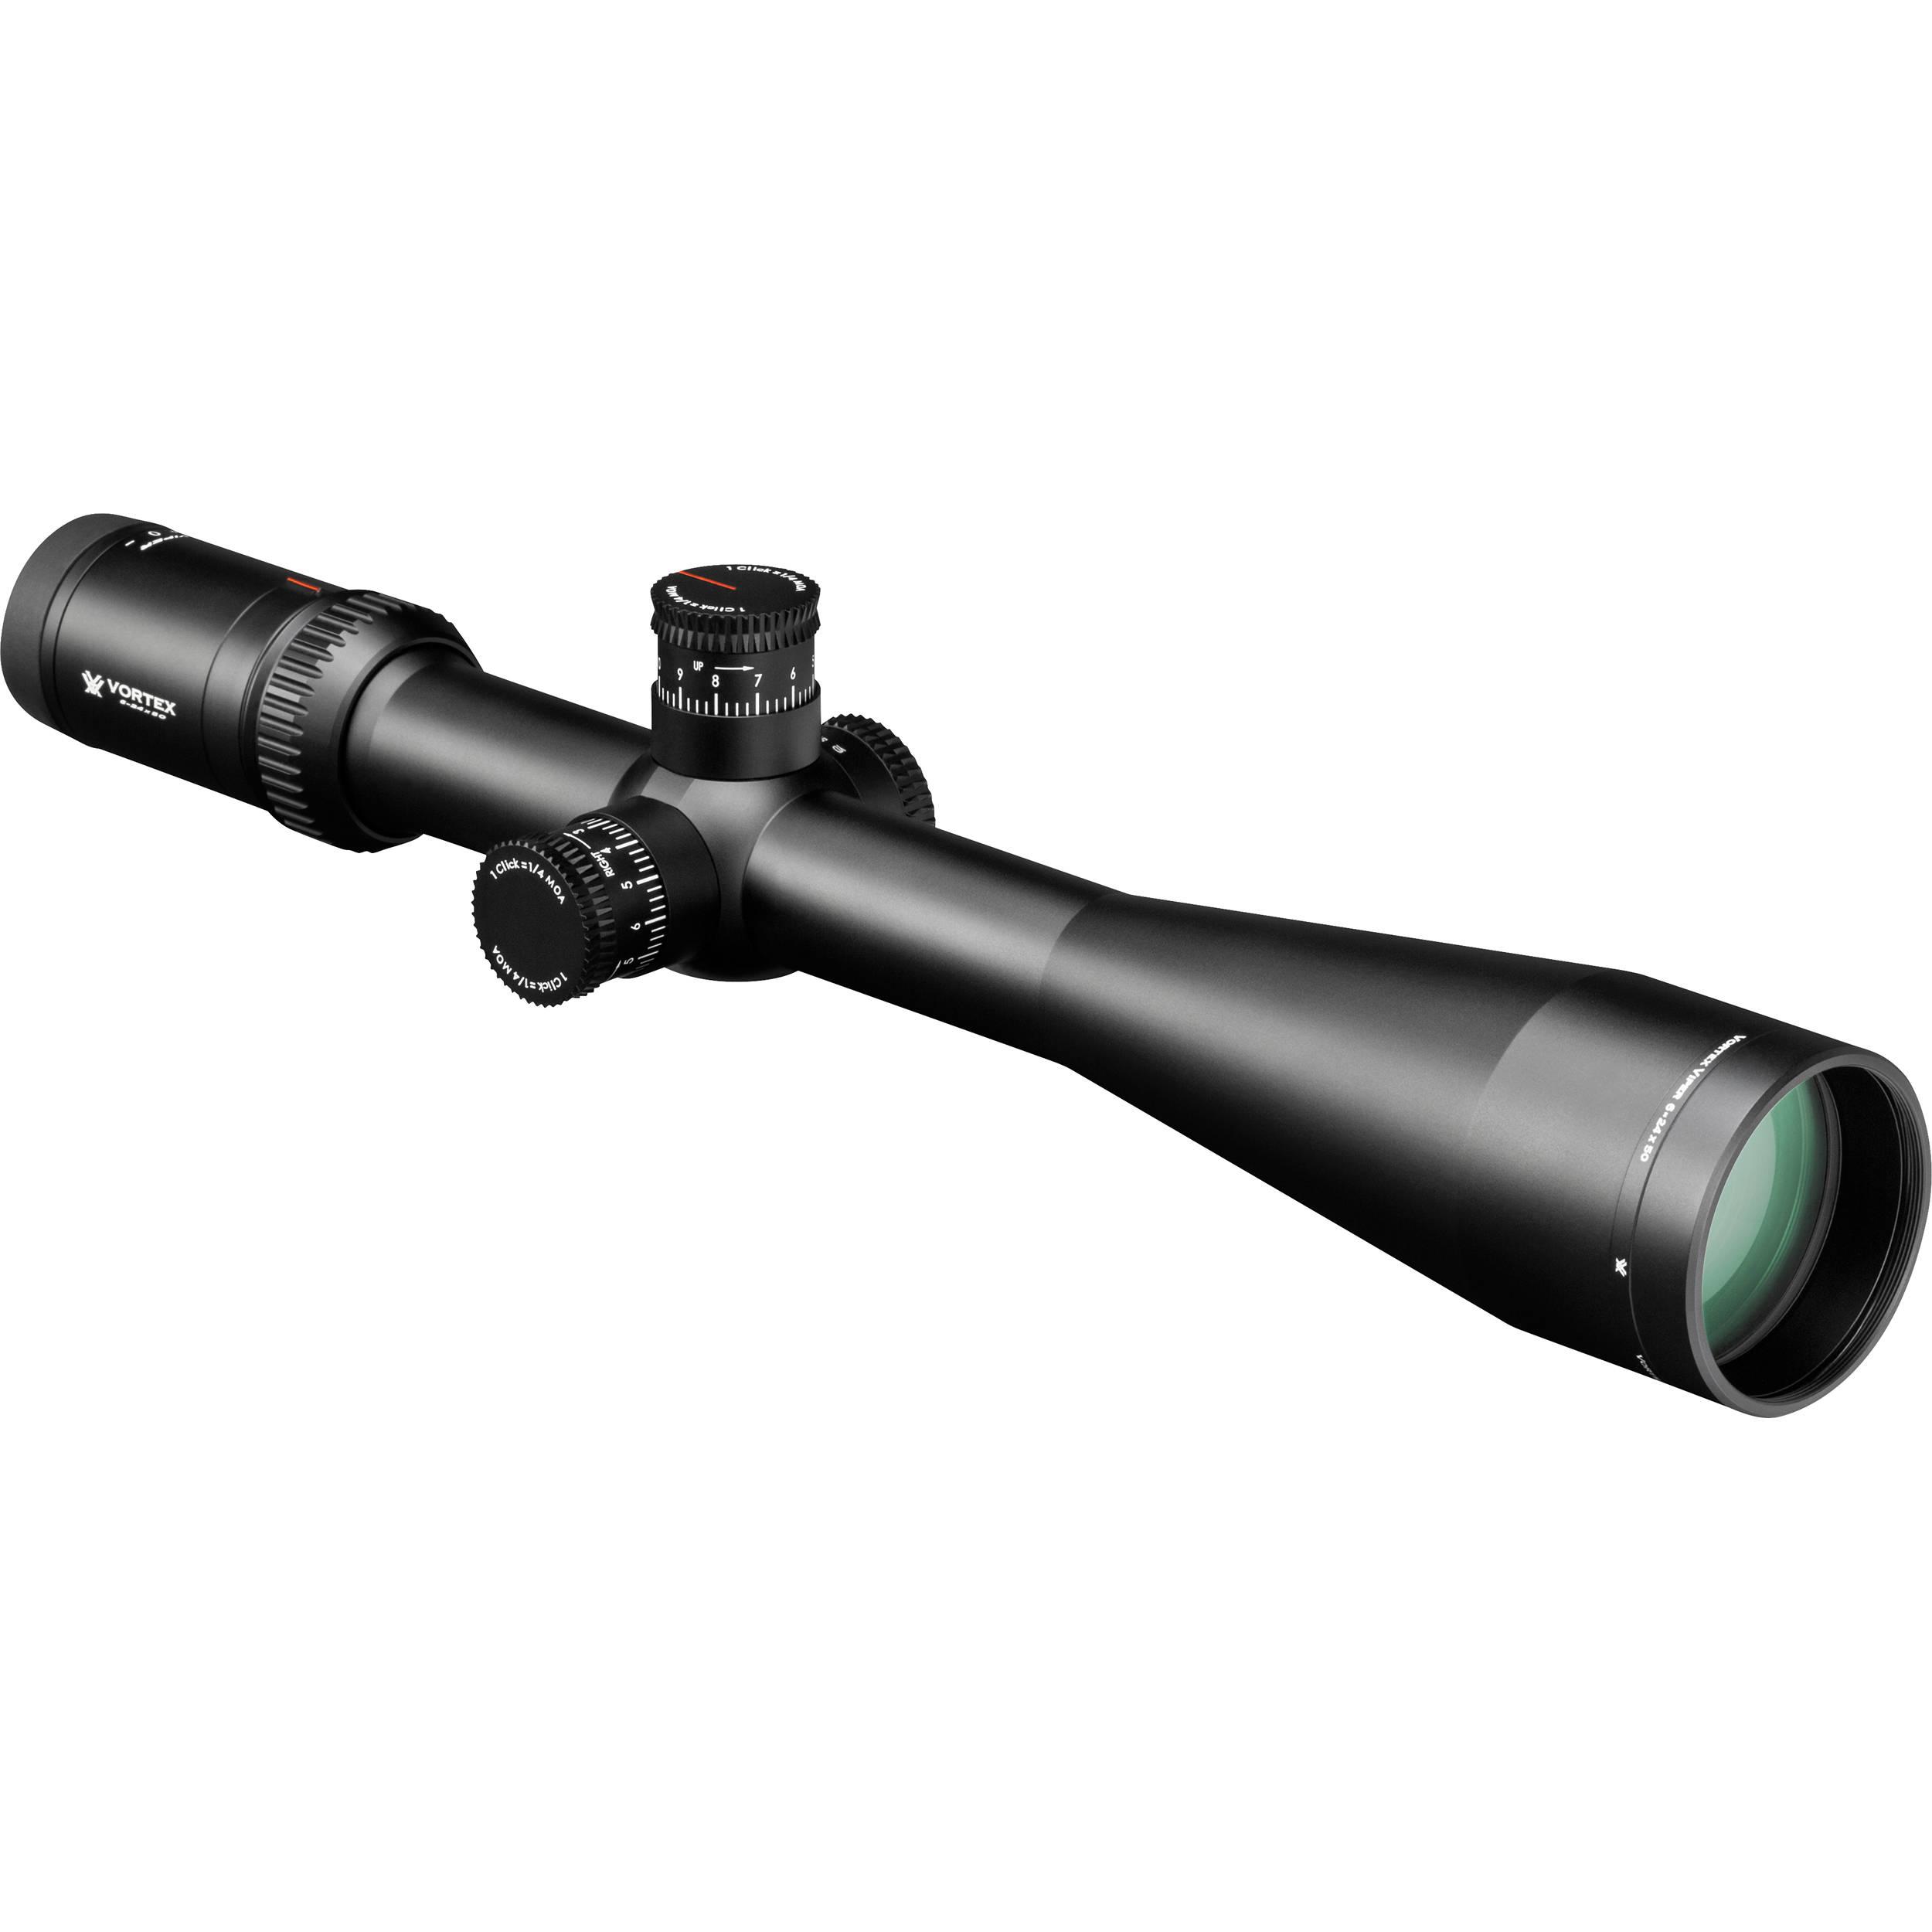 vortex vhs 4325 viper hs t 624x50 riflescope 1032404 - 10 Best Budget Long-Range Rifles 2021